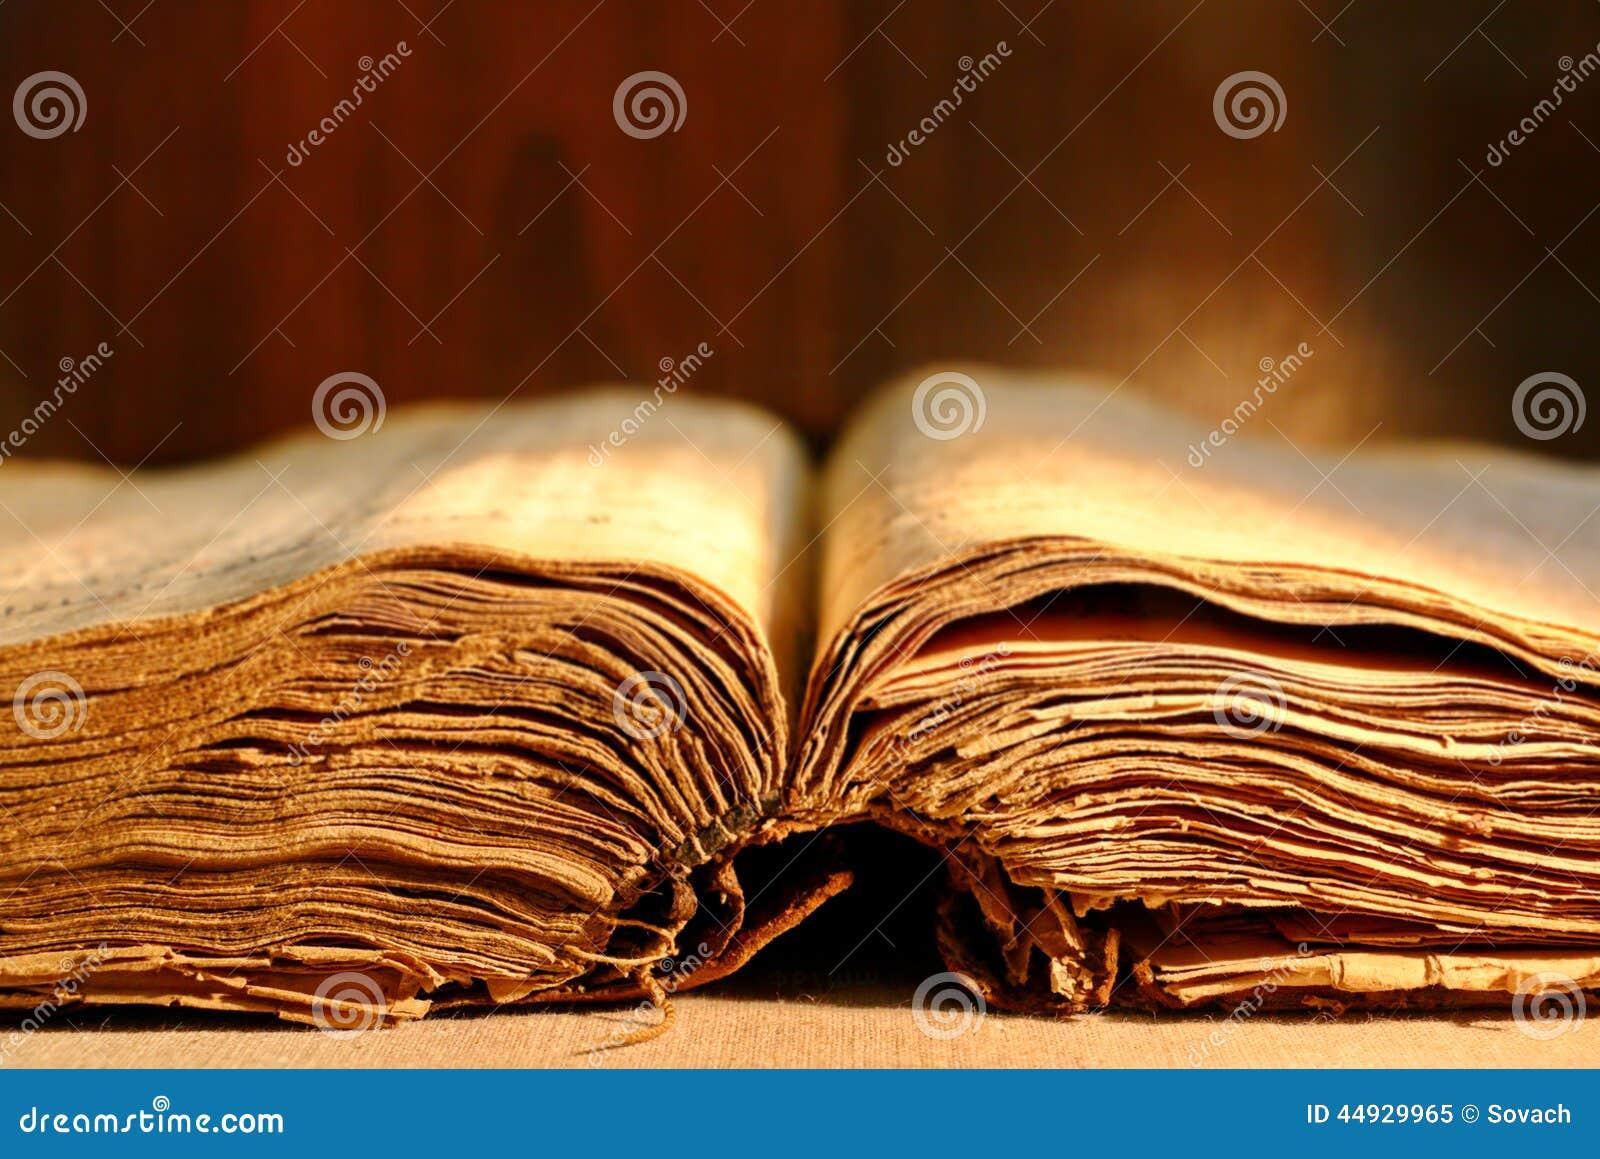 Livro grosso velho